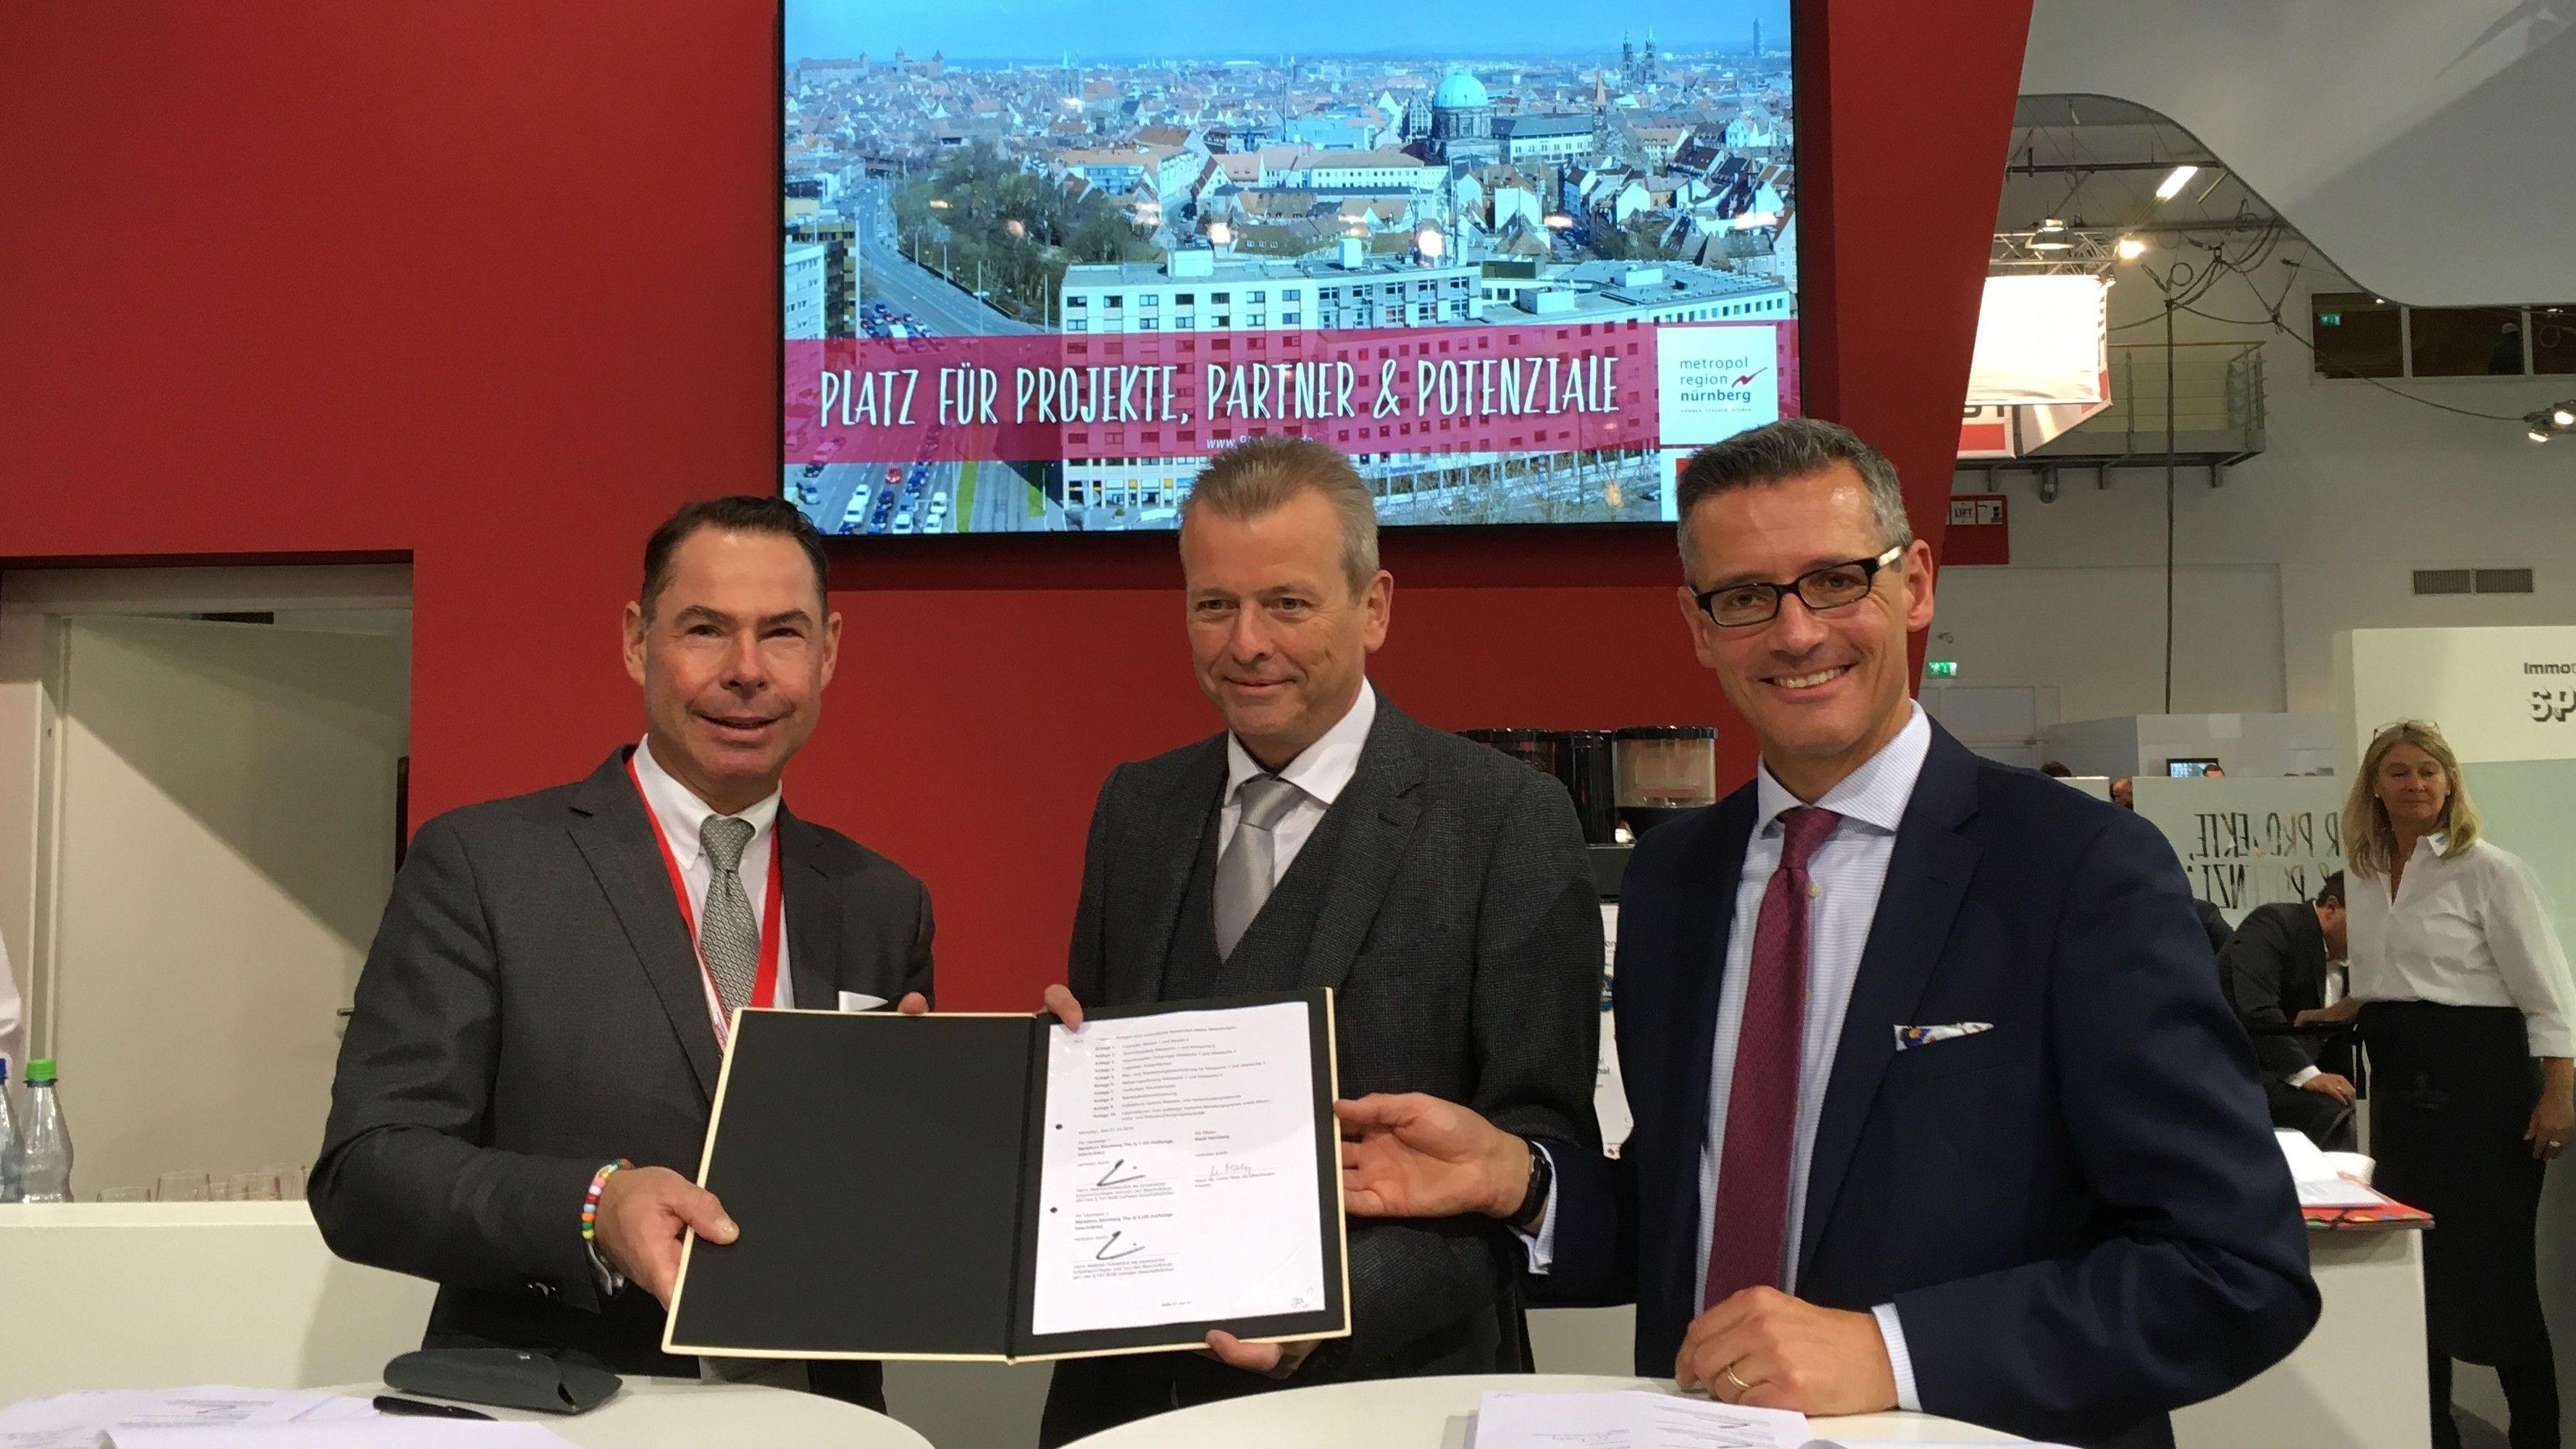 Mathias Düsterdick,  Vorstandsvorsitzende der Gerchgroup AG, Ulrich Maly  Nürnberger Oberbürgermeister und Michael Fraas Nürnbergs Wirtschaftsreferent